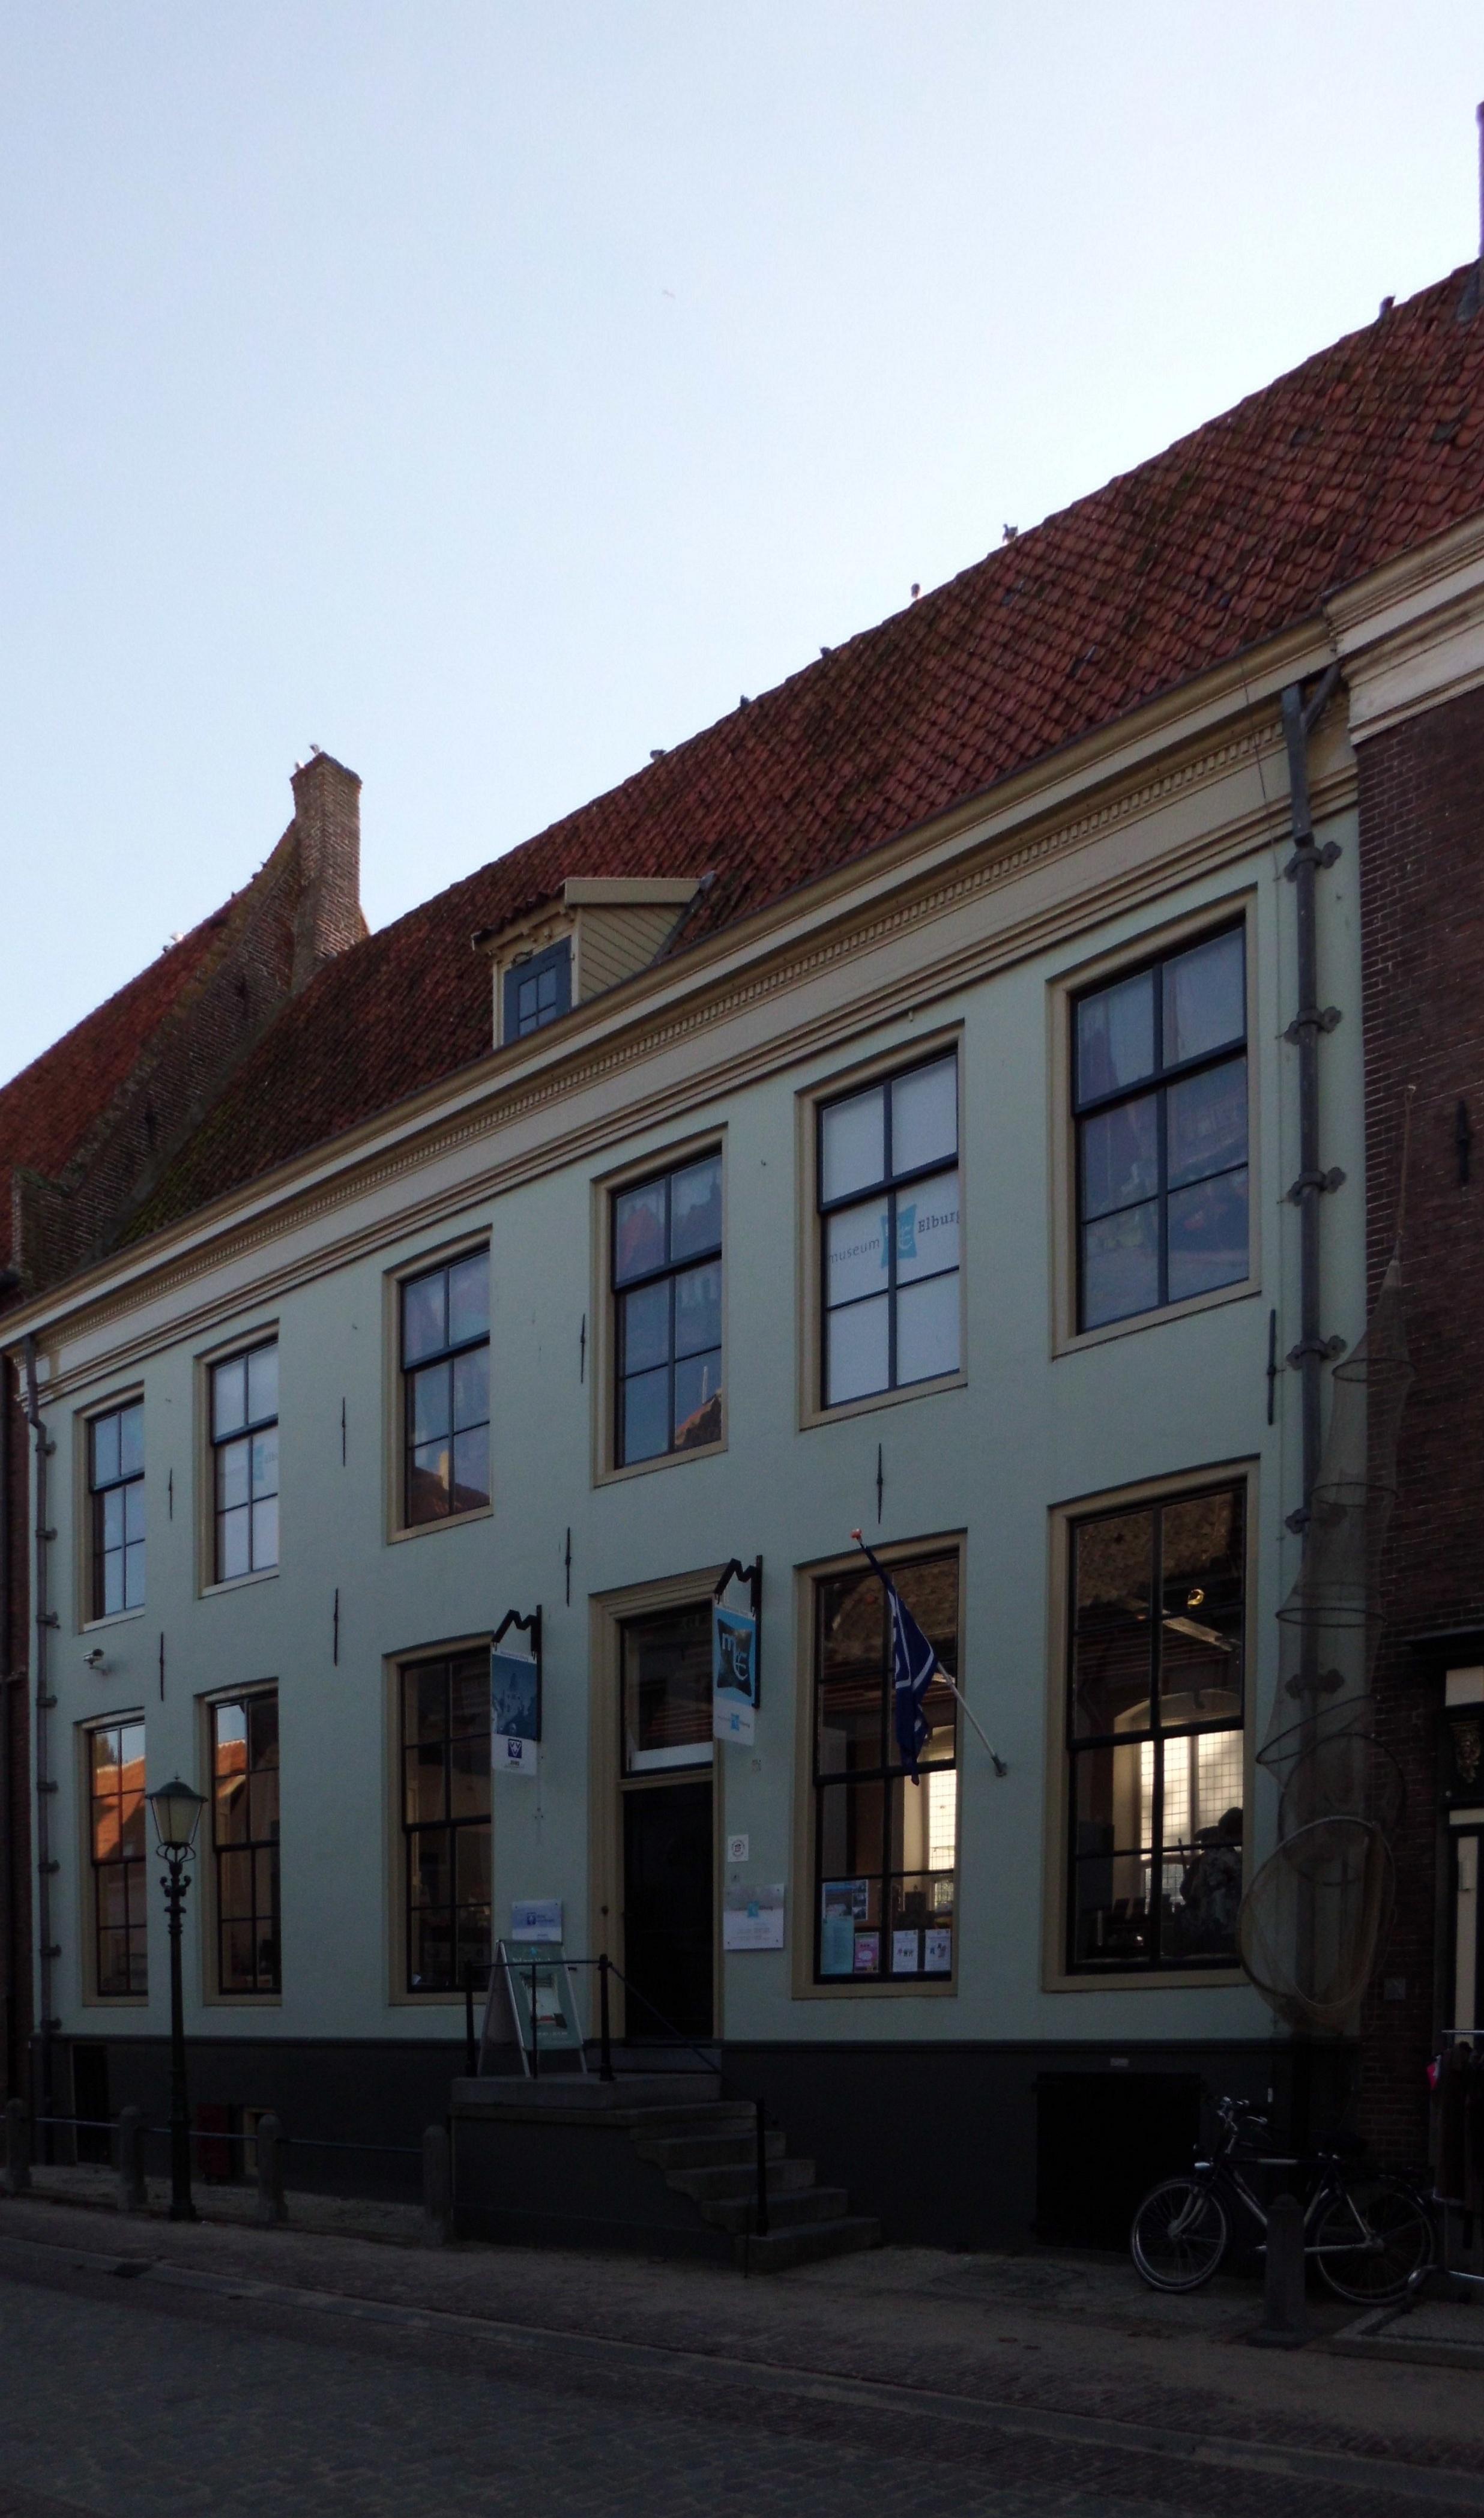 Huis met gevel onder lijst voor middeleeuw pand dat oudtijds deel uitmaakte van het - Huis gevel ...